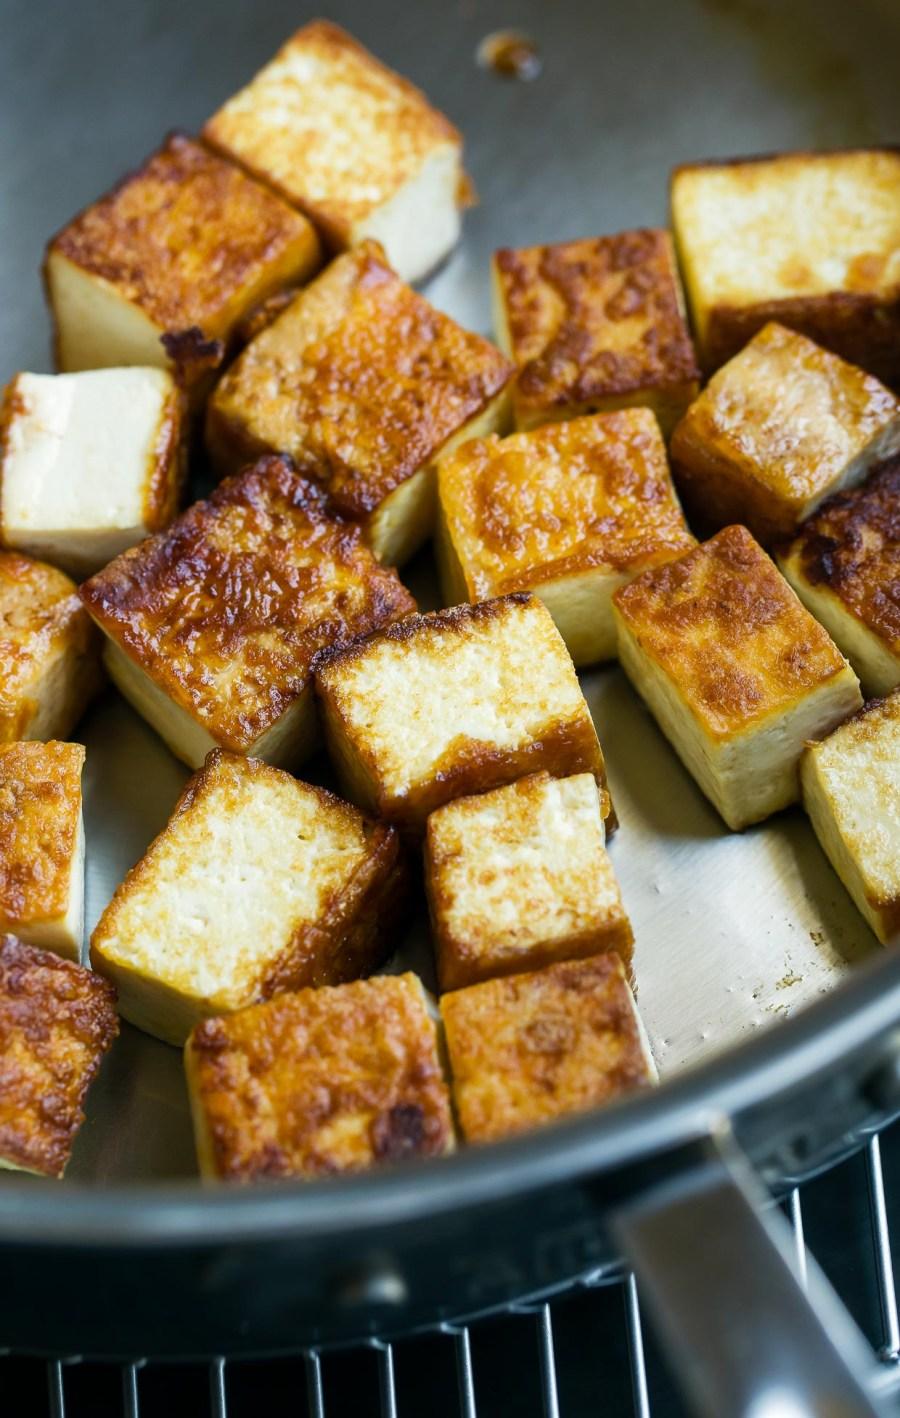 pan fried tofu process shot